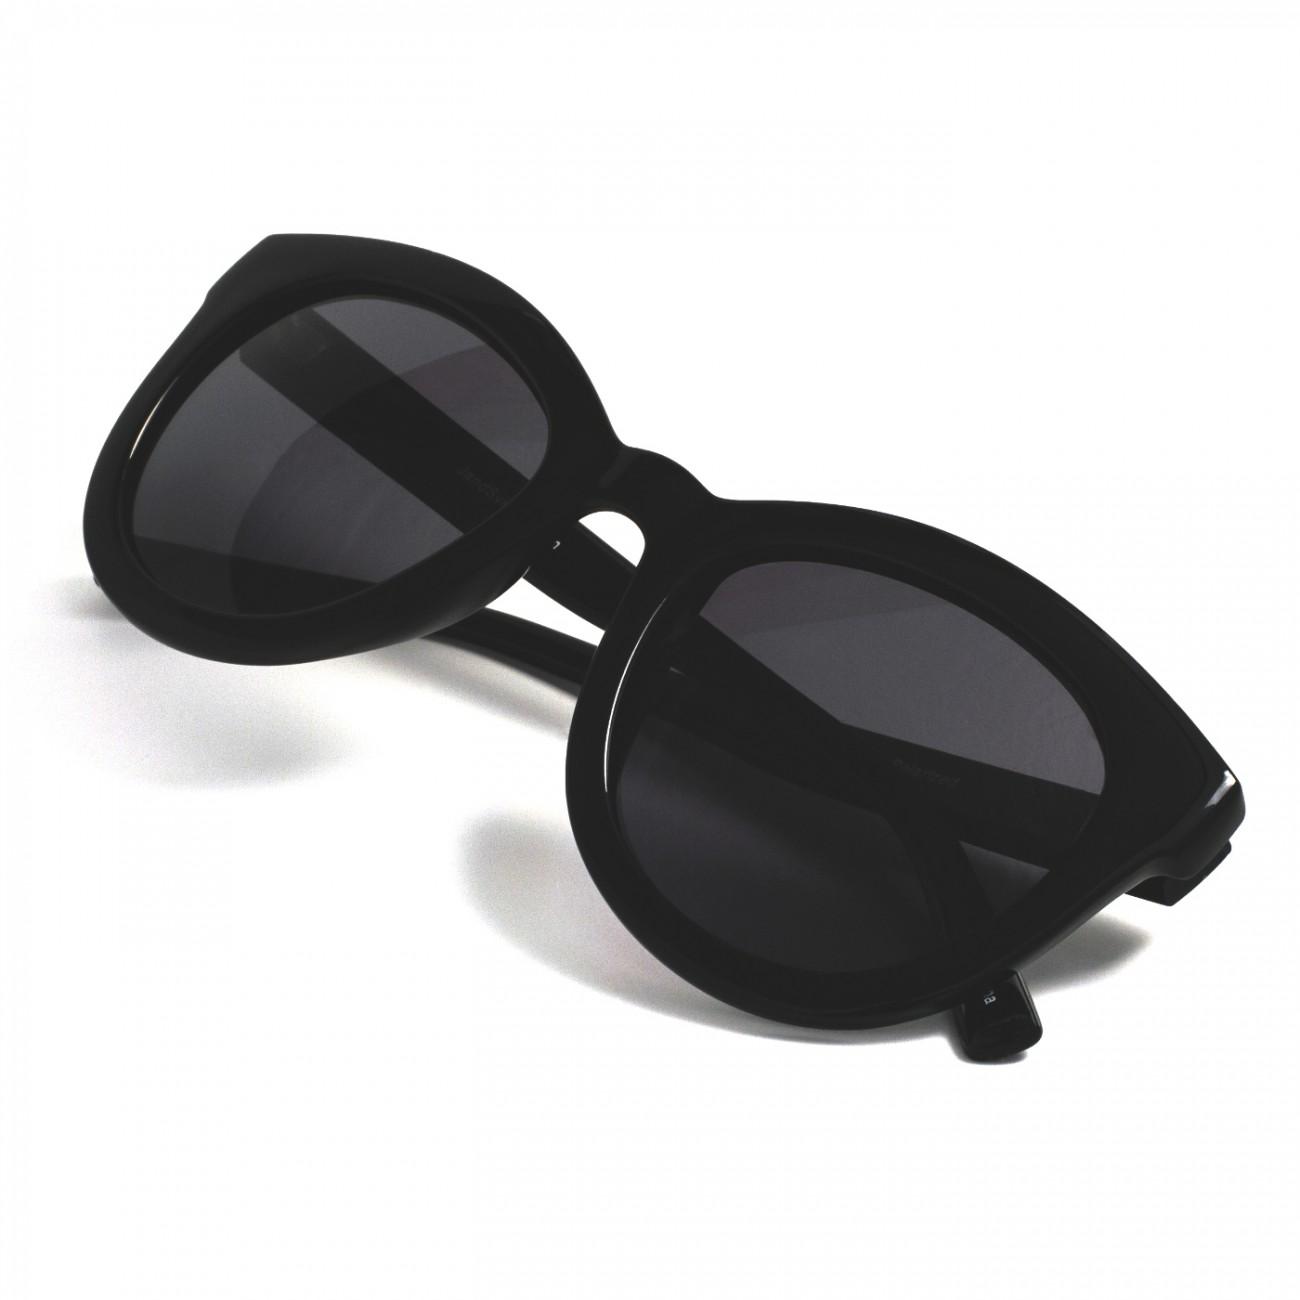 c157b2a9b17 Uv Sunglasses « One More Soul